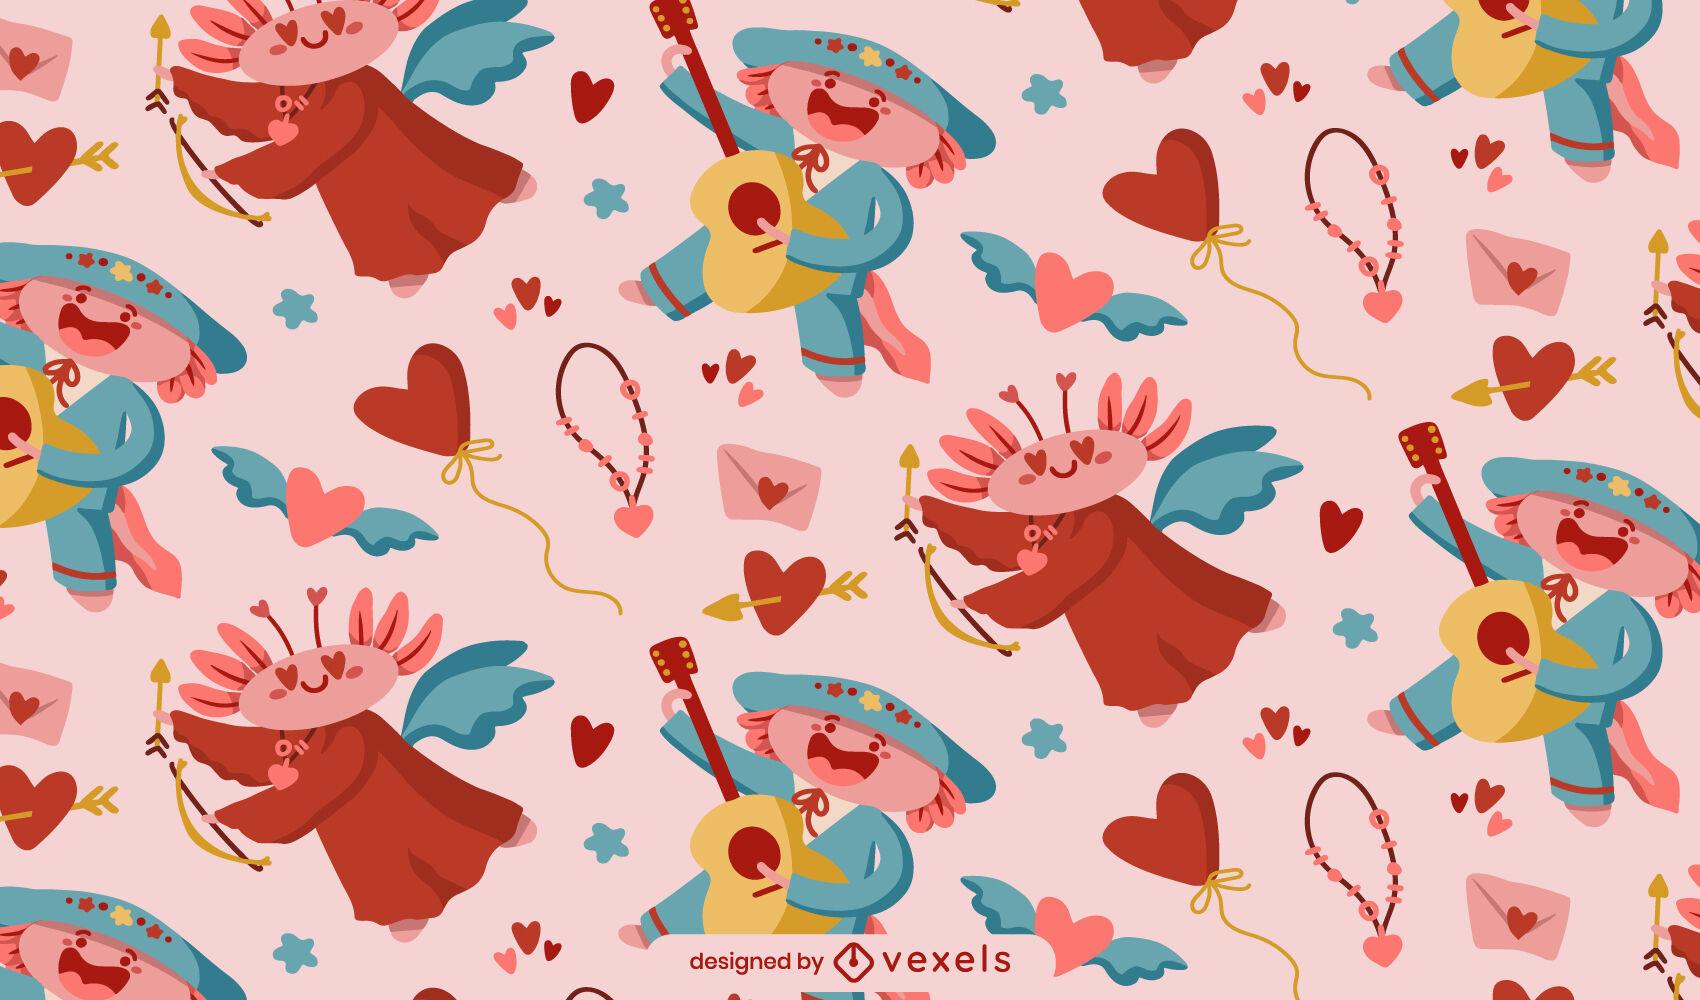 Axolotl amor personajes lindo patrón